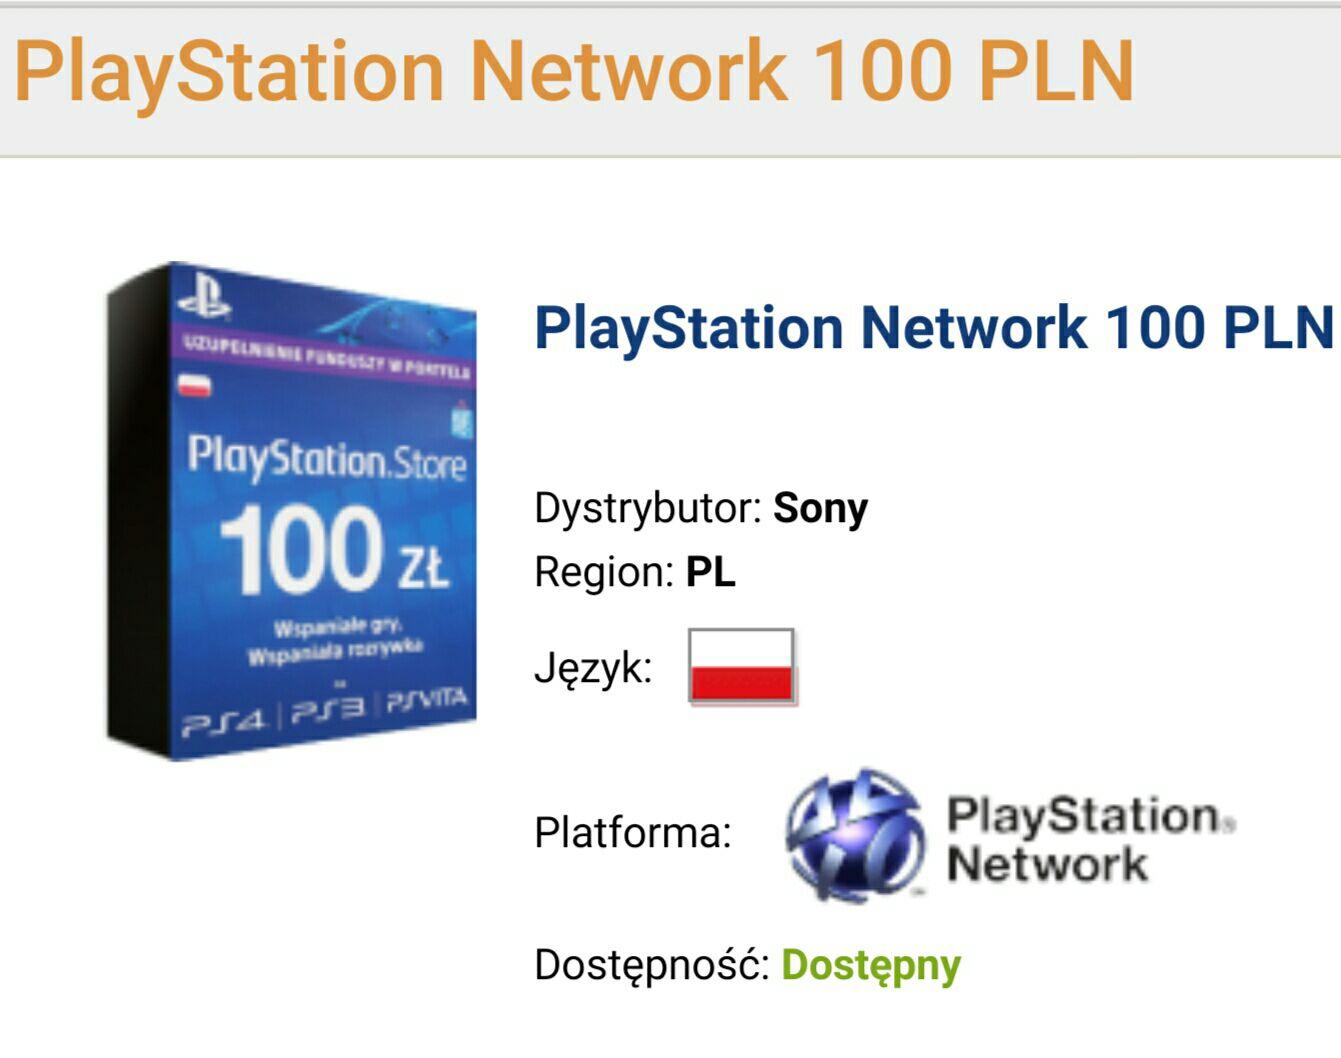 Doładowanie konta PlayStation Network 100 PLN za 92.99 PLN